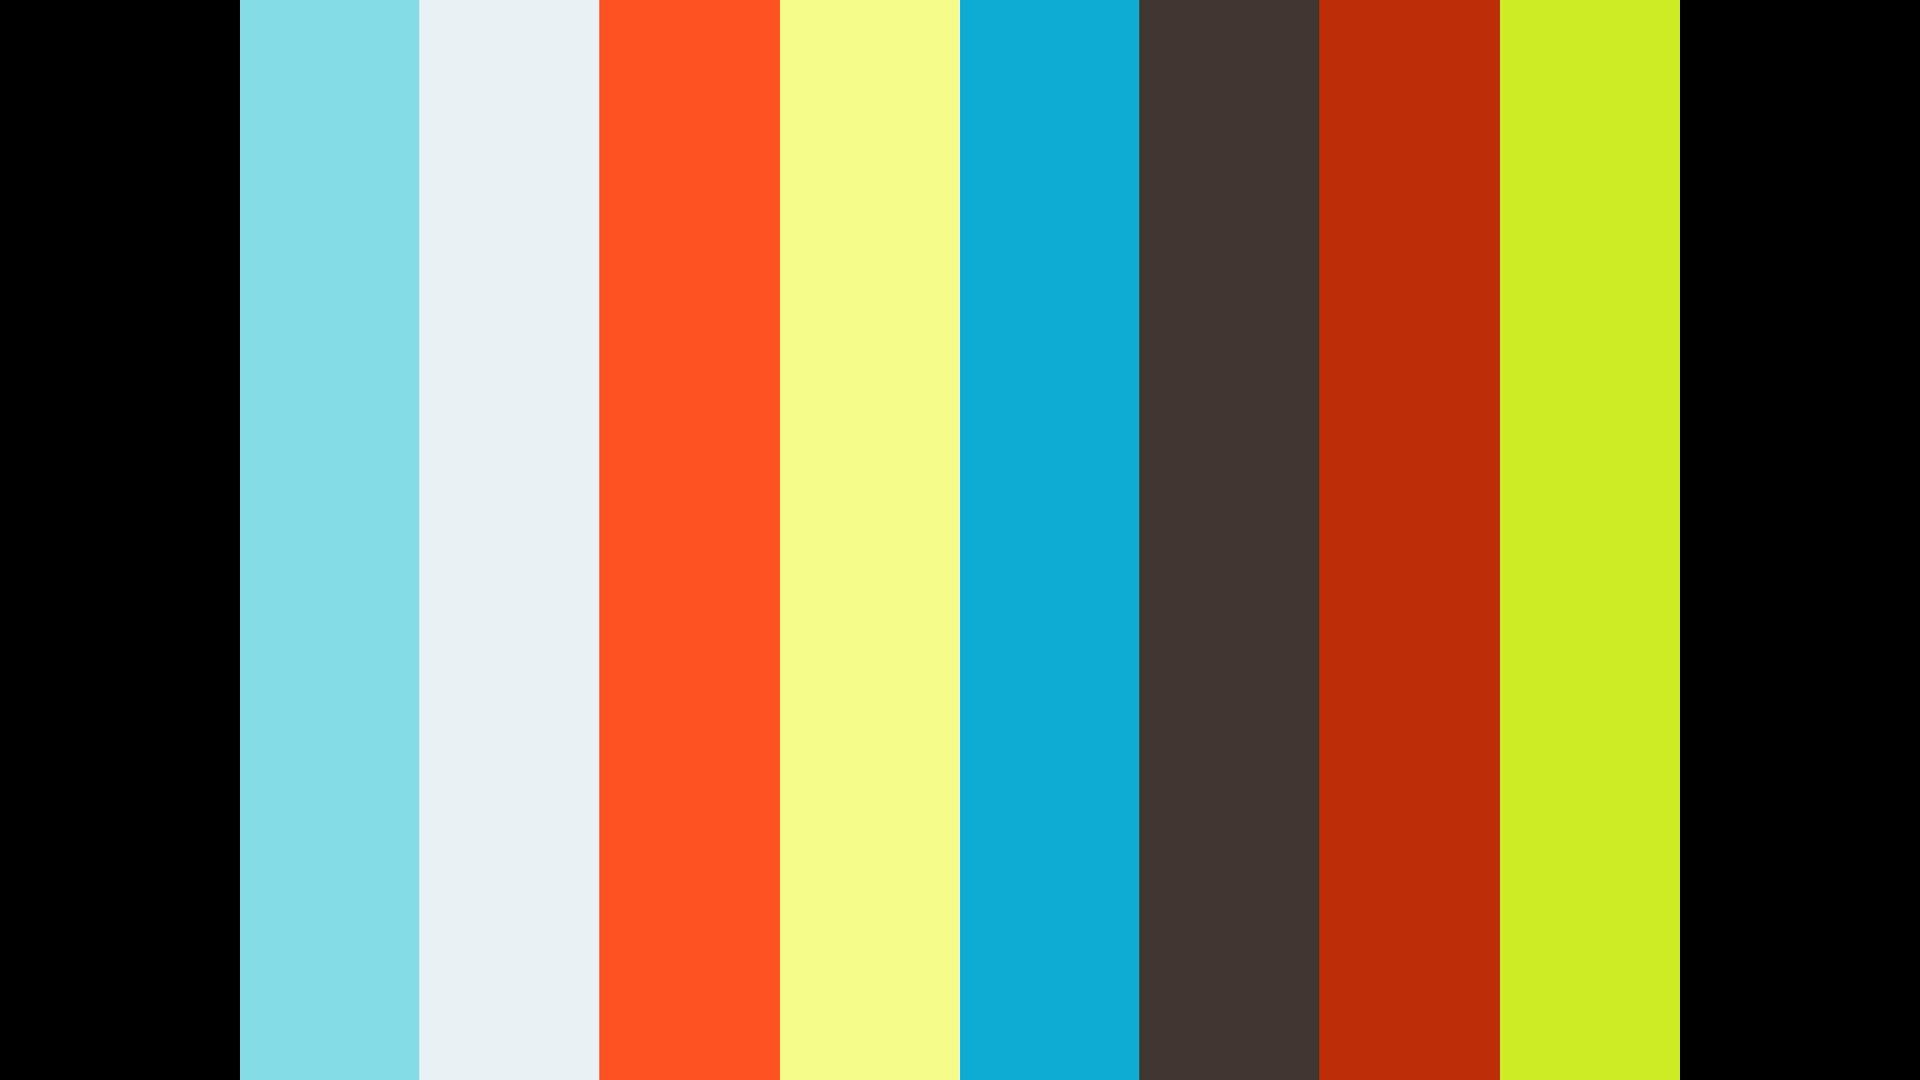 Blaesbjerg.com til kaffen - Få større åbningsrater i din mailmarketing